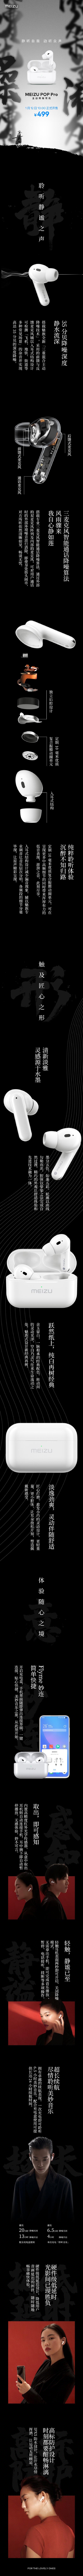 魅族2021首款新品发布:仅售499元